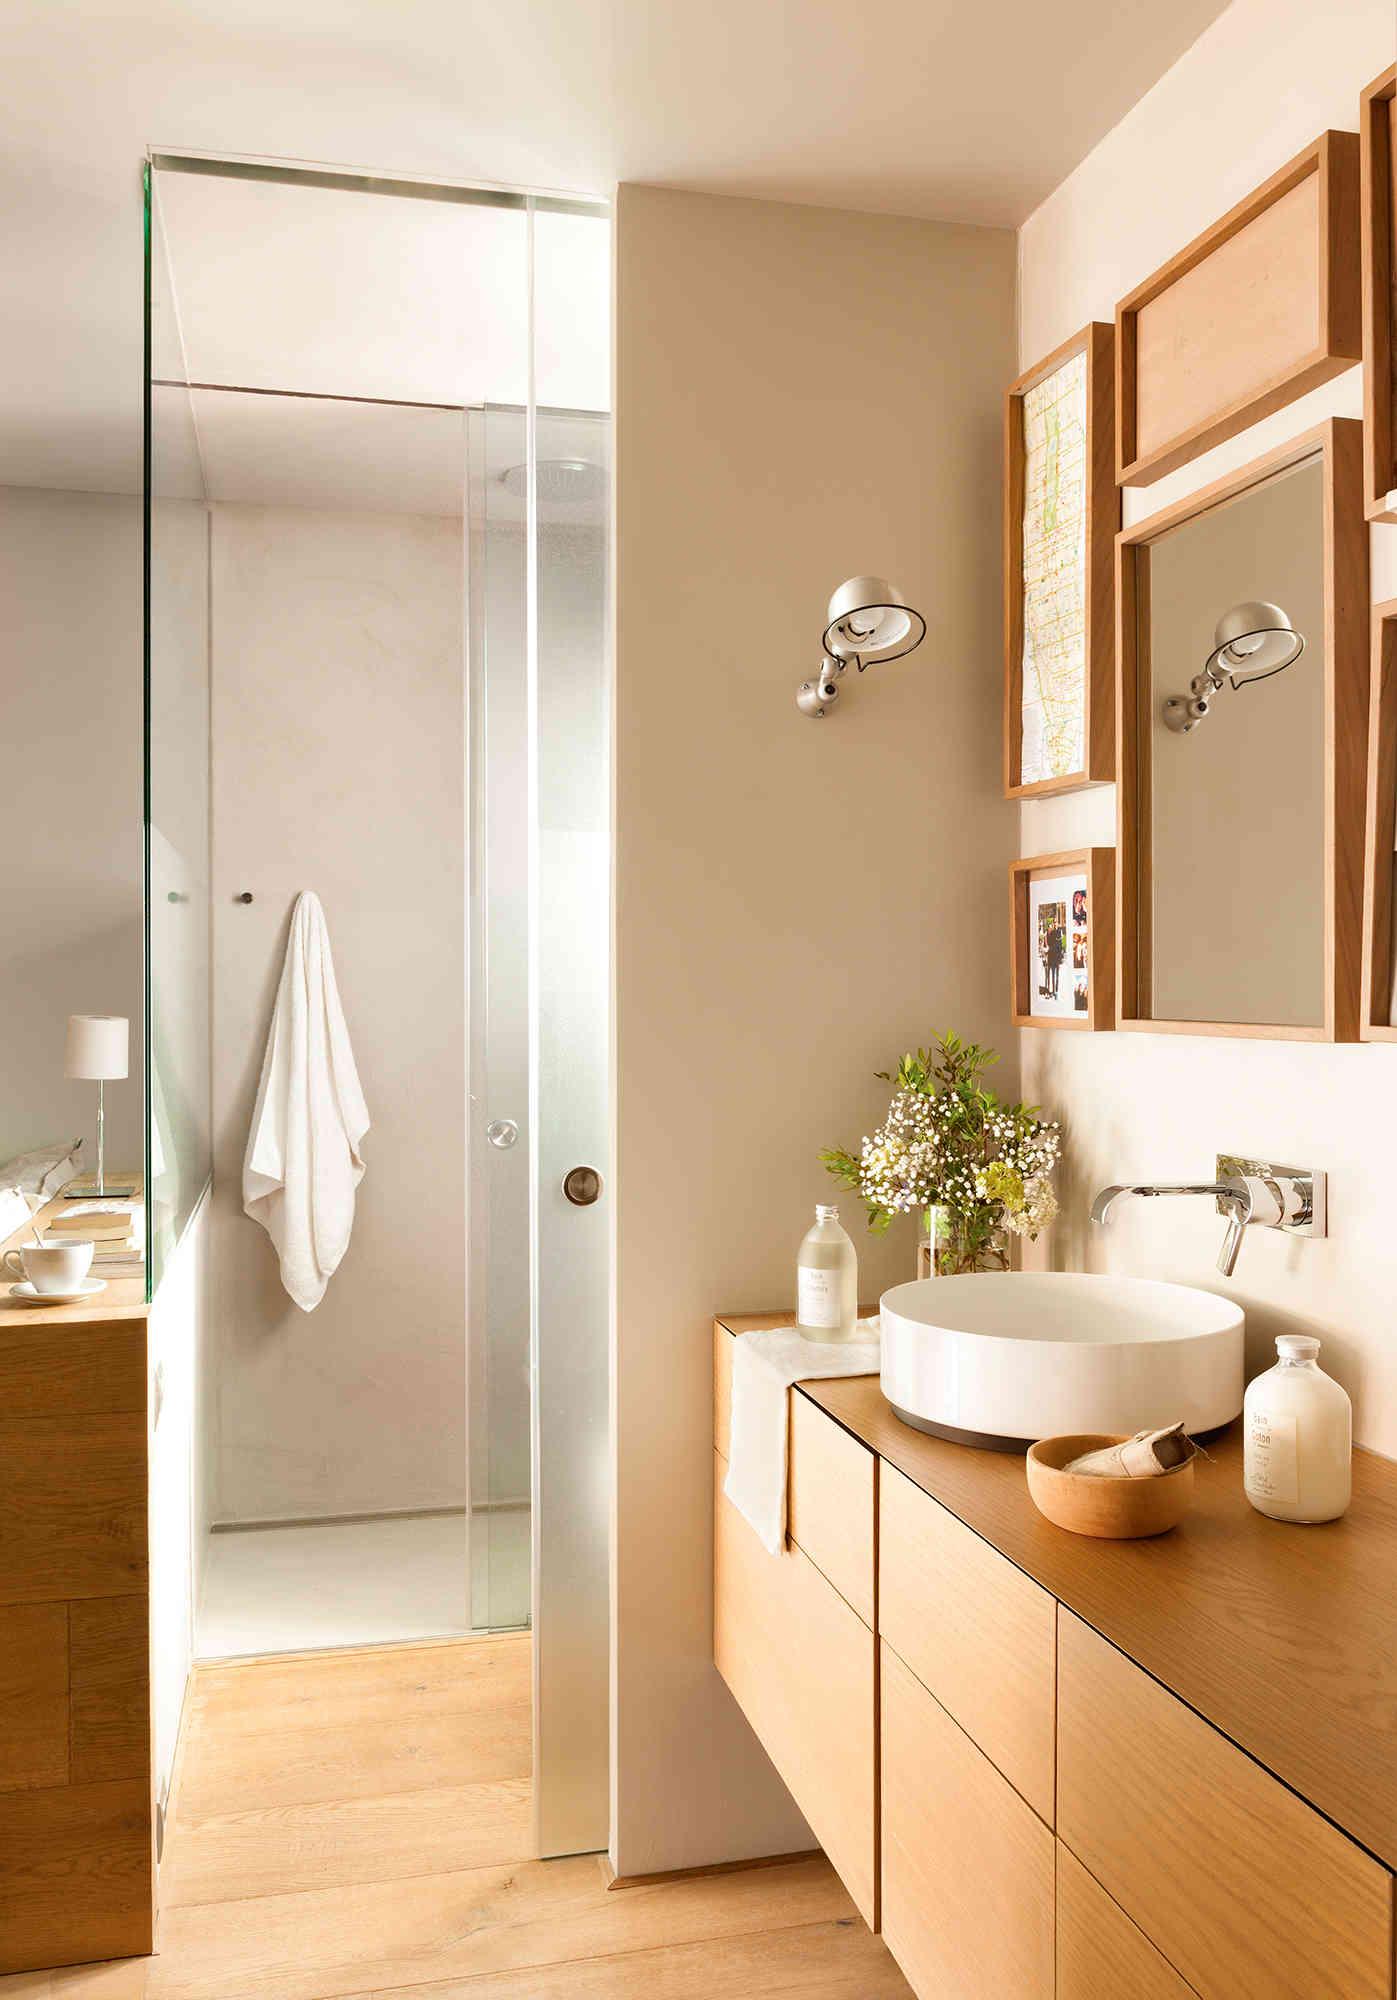 3 bano moderno con cabina de ducha y sanitarios fontaneros madrid reparaciones urgentes madrid